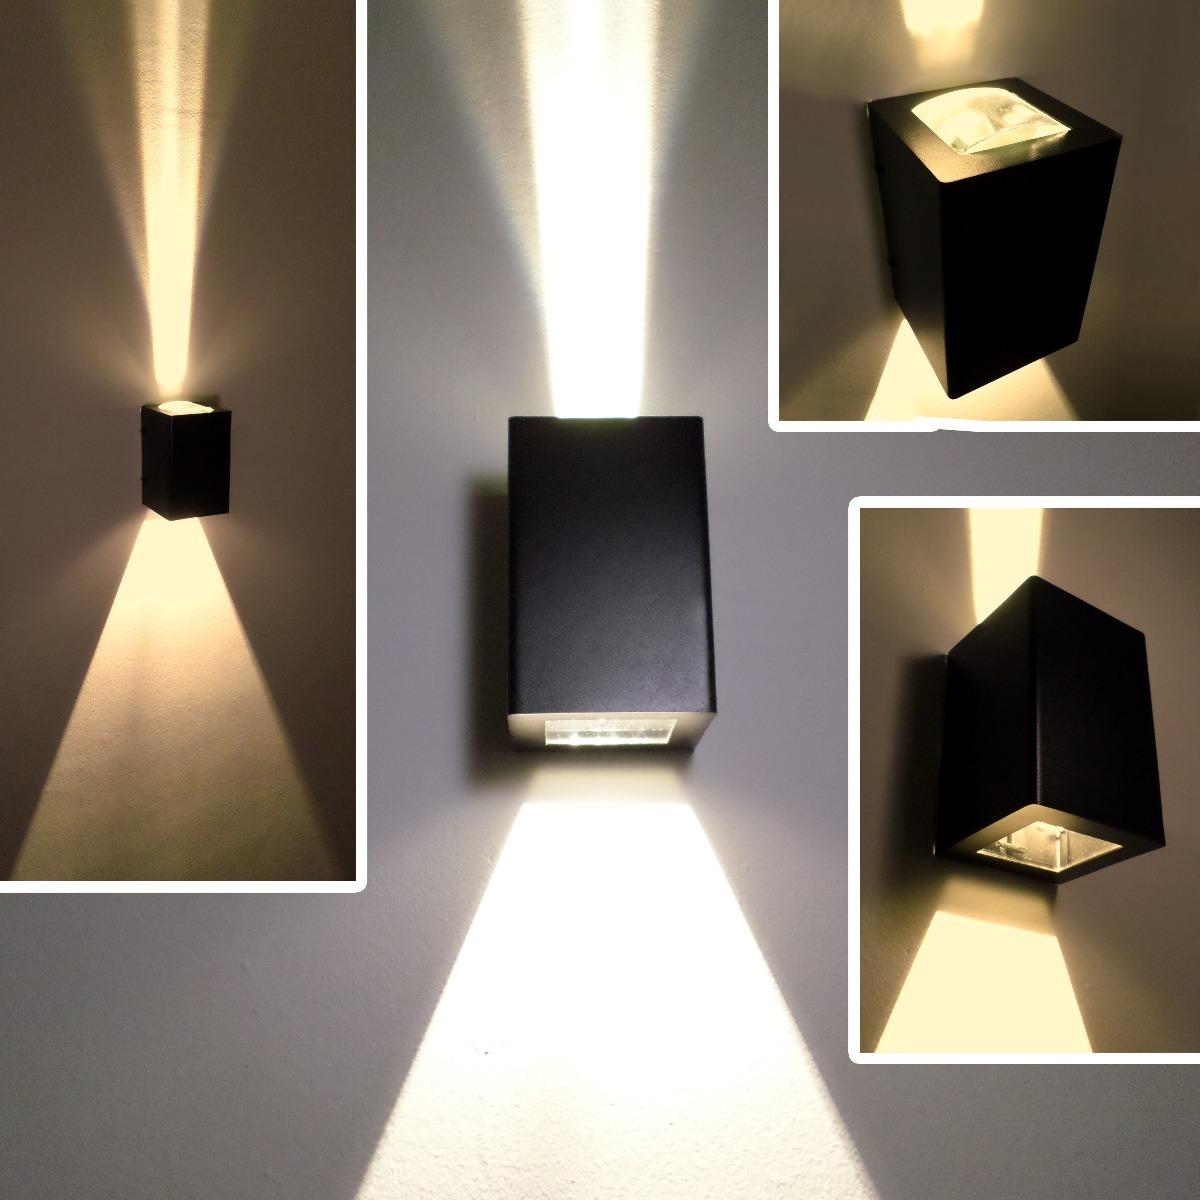 Artefactos De Iluminacion Para Jardin Luces Exterior Pack X2 996 - Iluminacion-para-exteriores-jardines